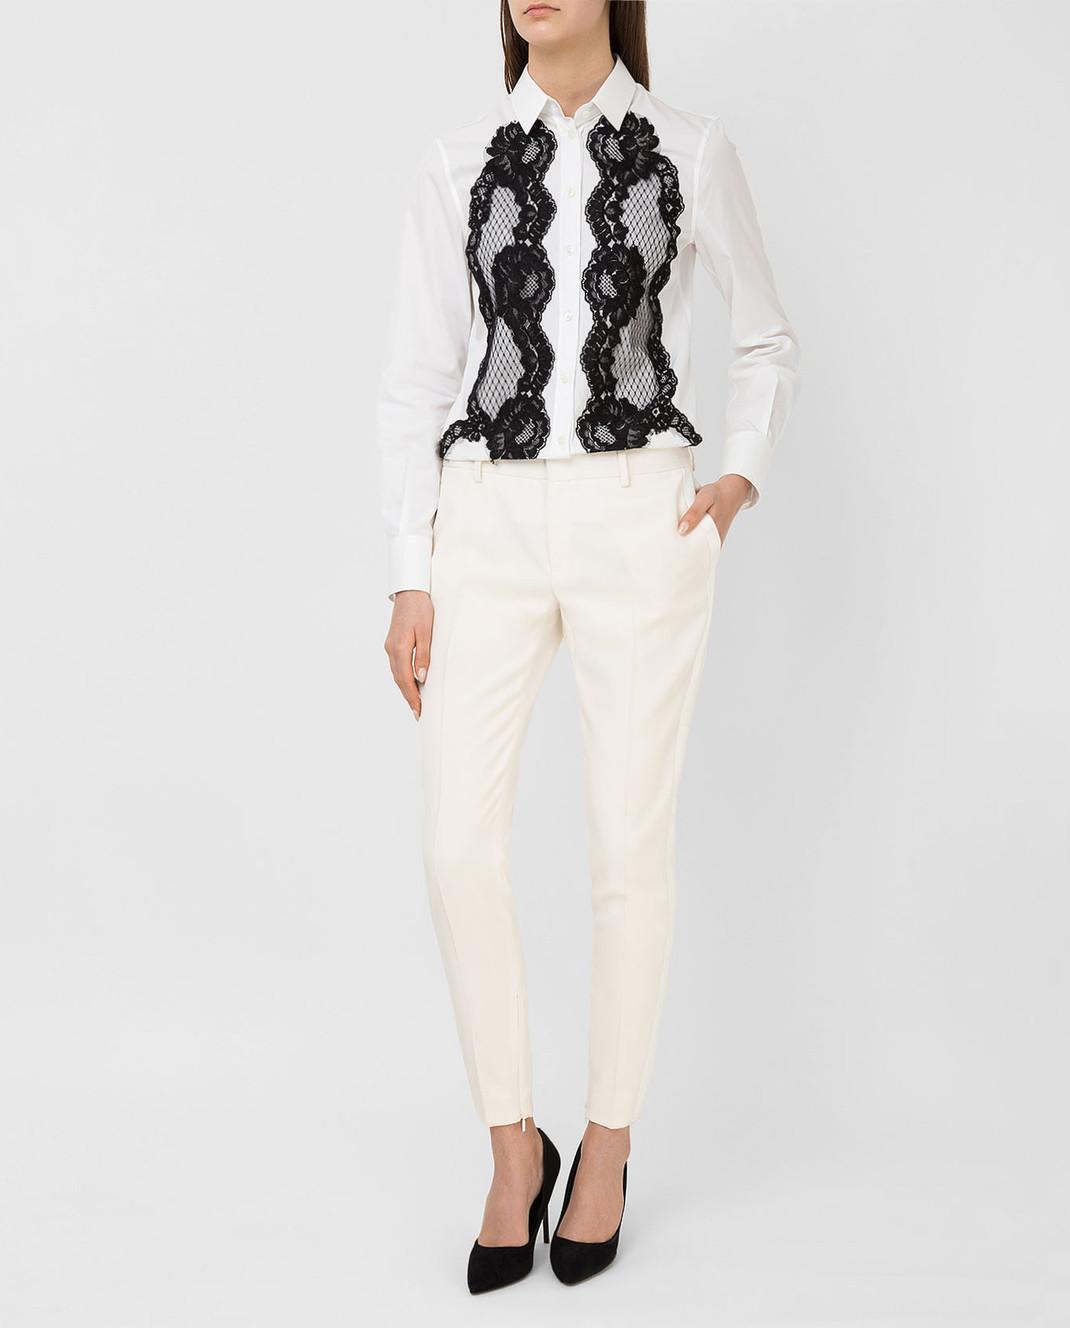 Saint Laurent Светло-бежевые брюки из шерсти 516111 изображение 2